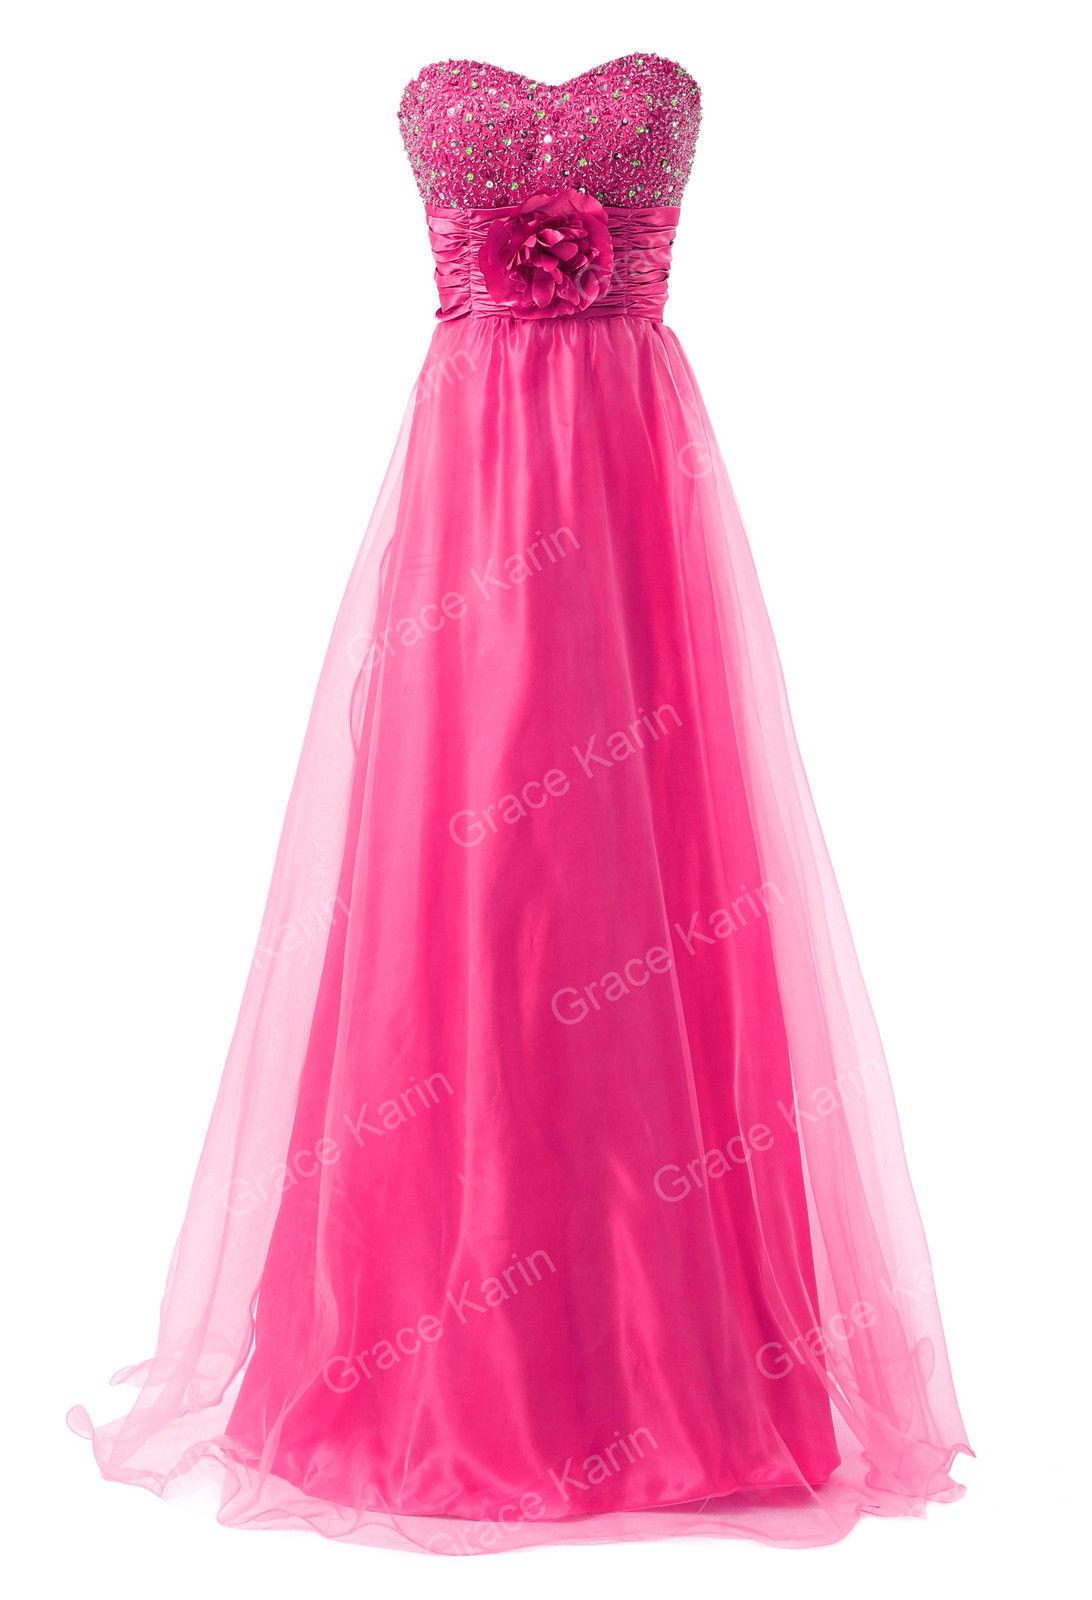 Nemáte niekto tieto šaty ako popolnočné ?? - Obrázok č. 1